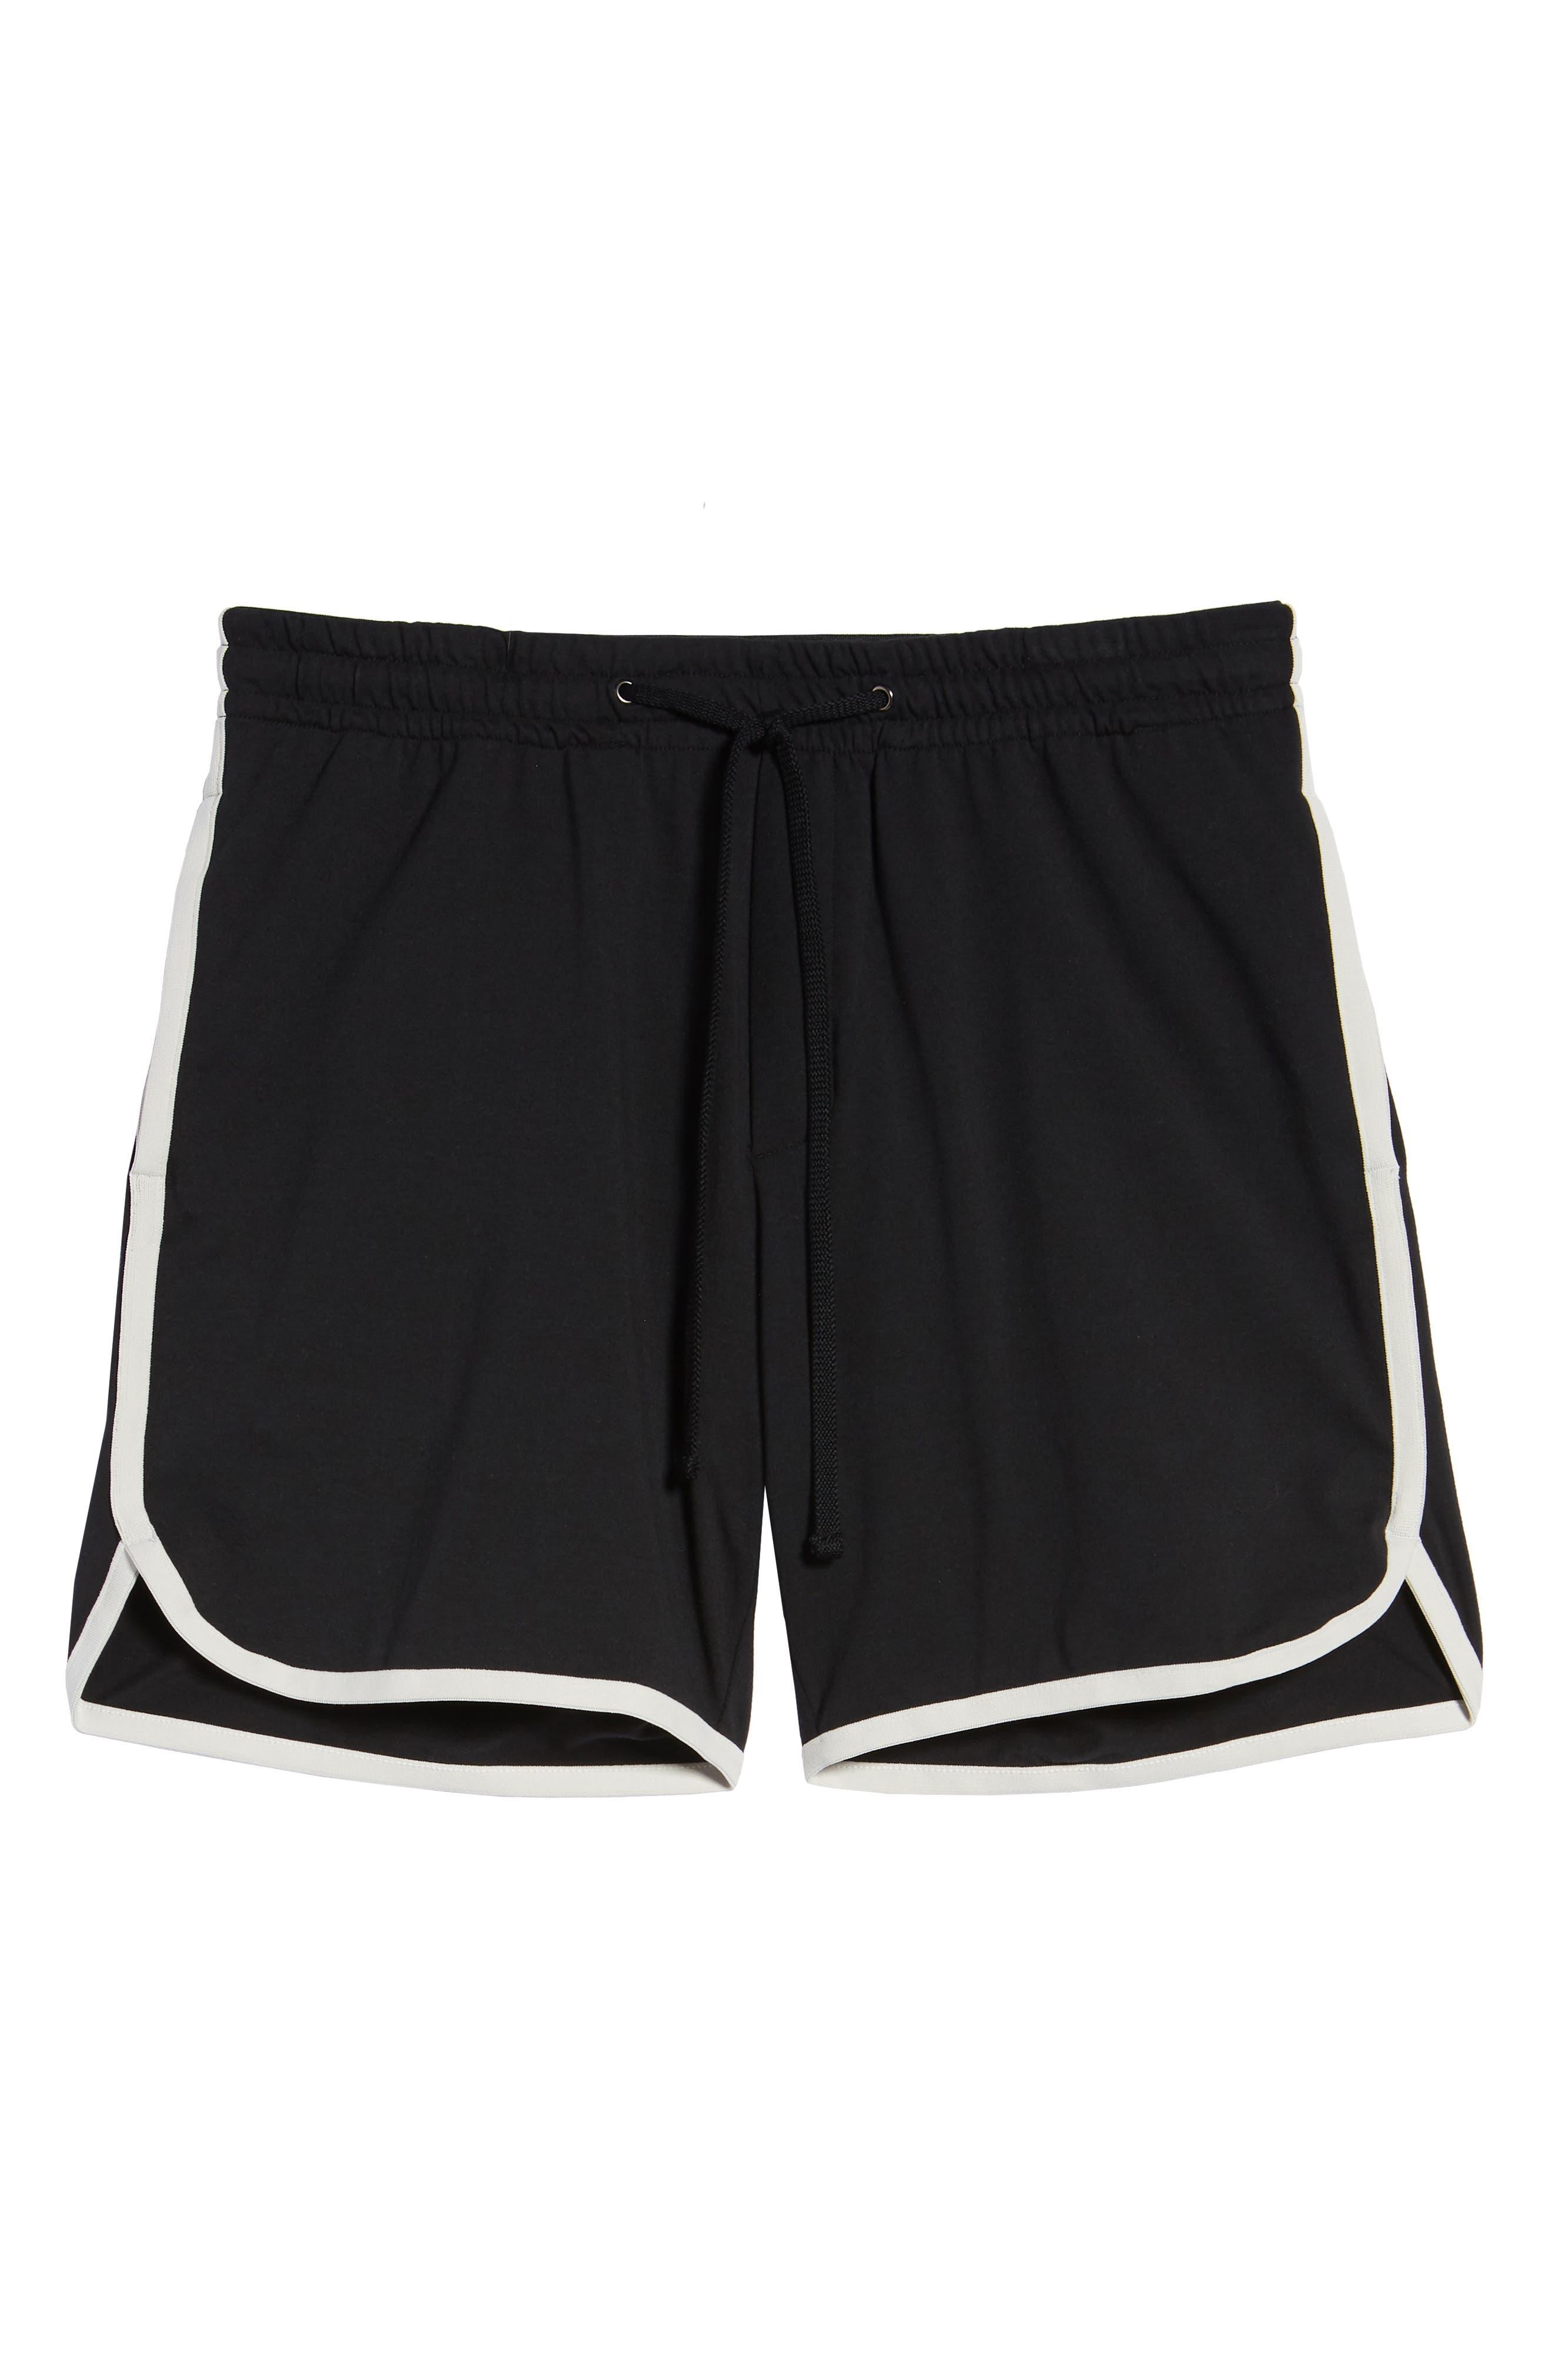 Vintage Regular Fit Gym Shorts,                             Alternate thumbnail 6, color,                             001